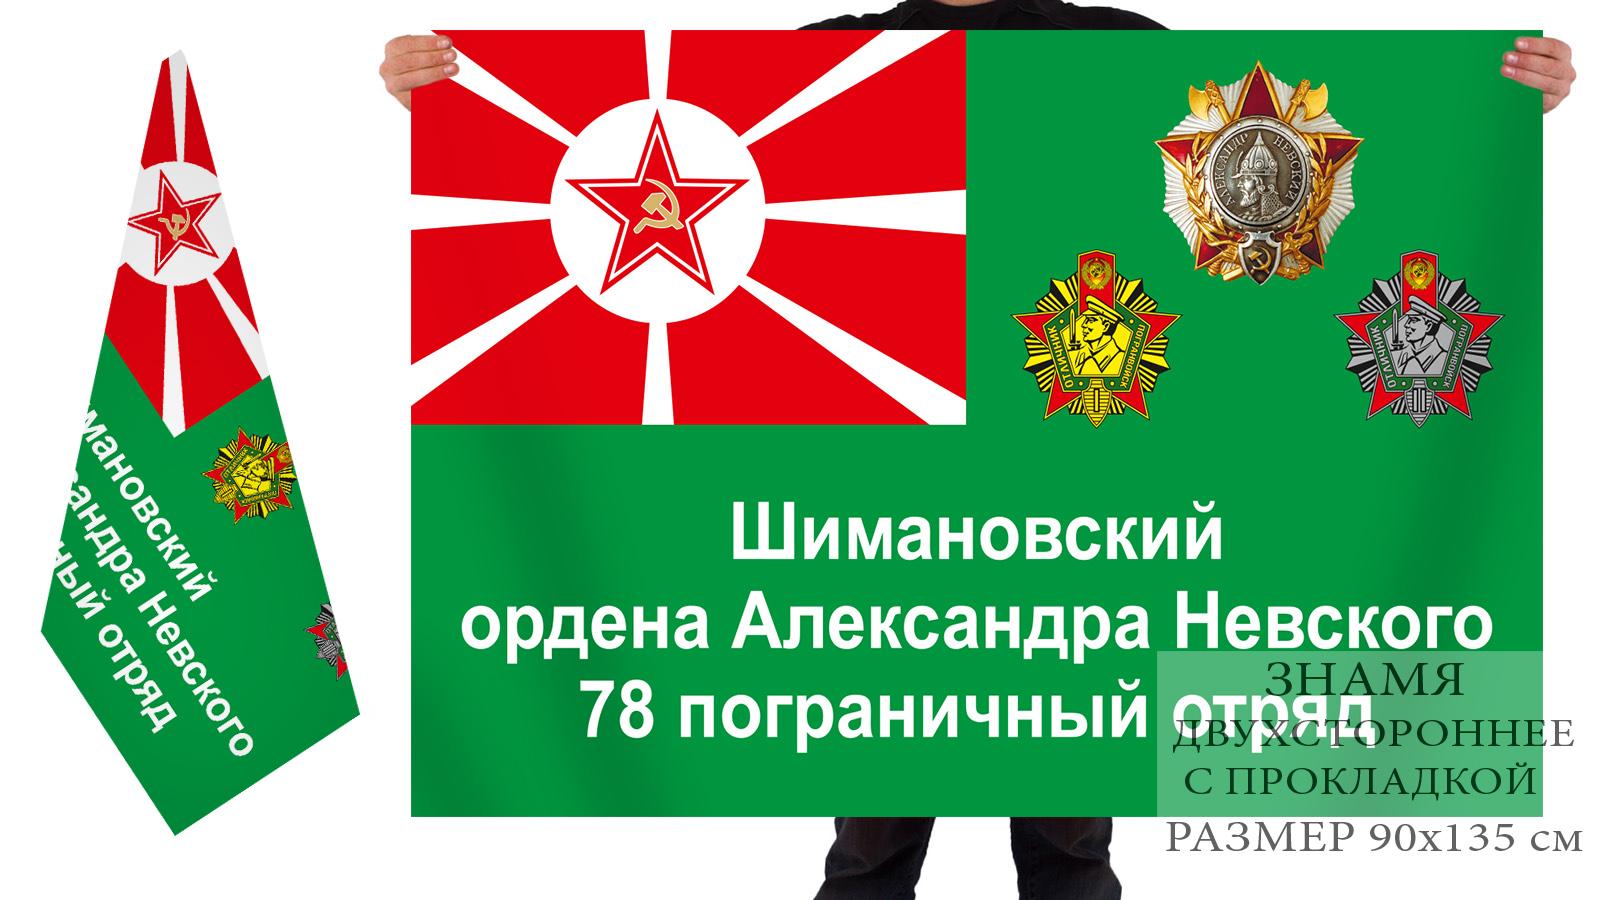 Двусторонний флаг 78 Шимановского пограничного отряда